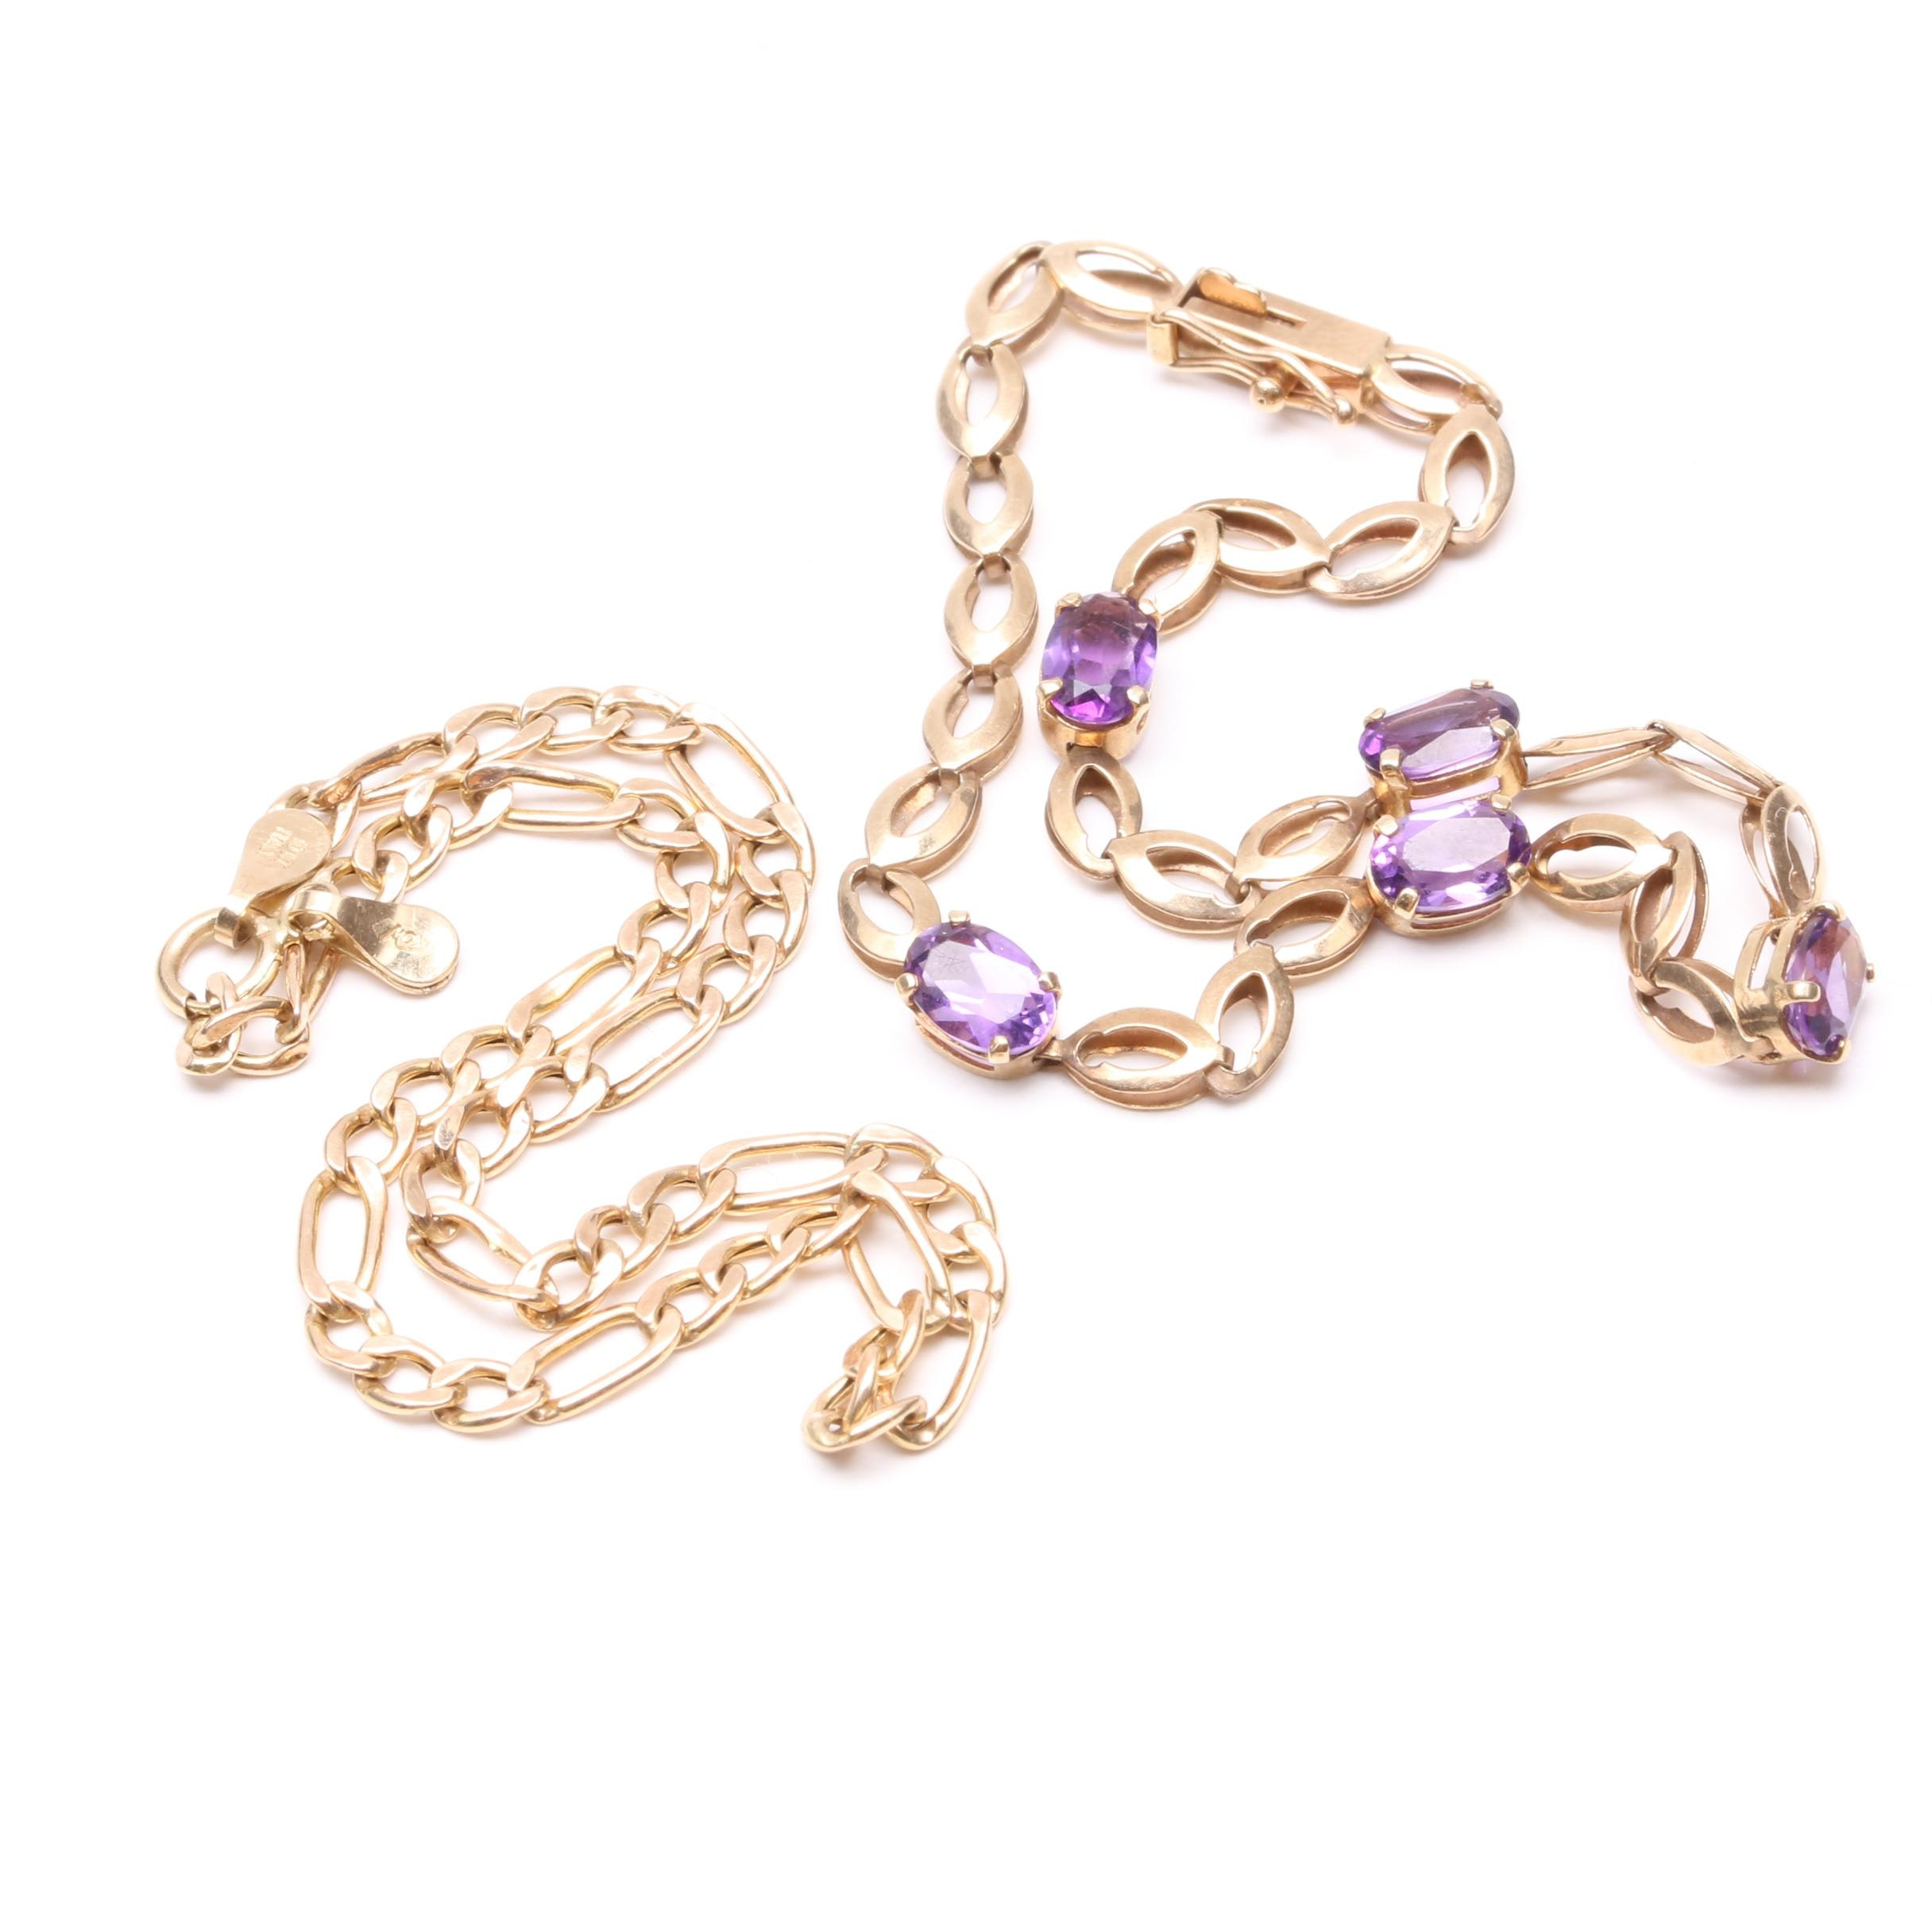 10K Yellow Gold Amethyst Link Bracelet and Figaro Link Bracelet